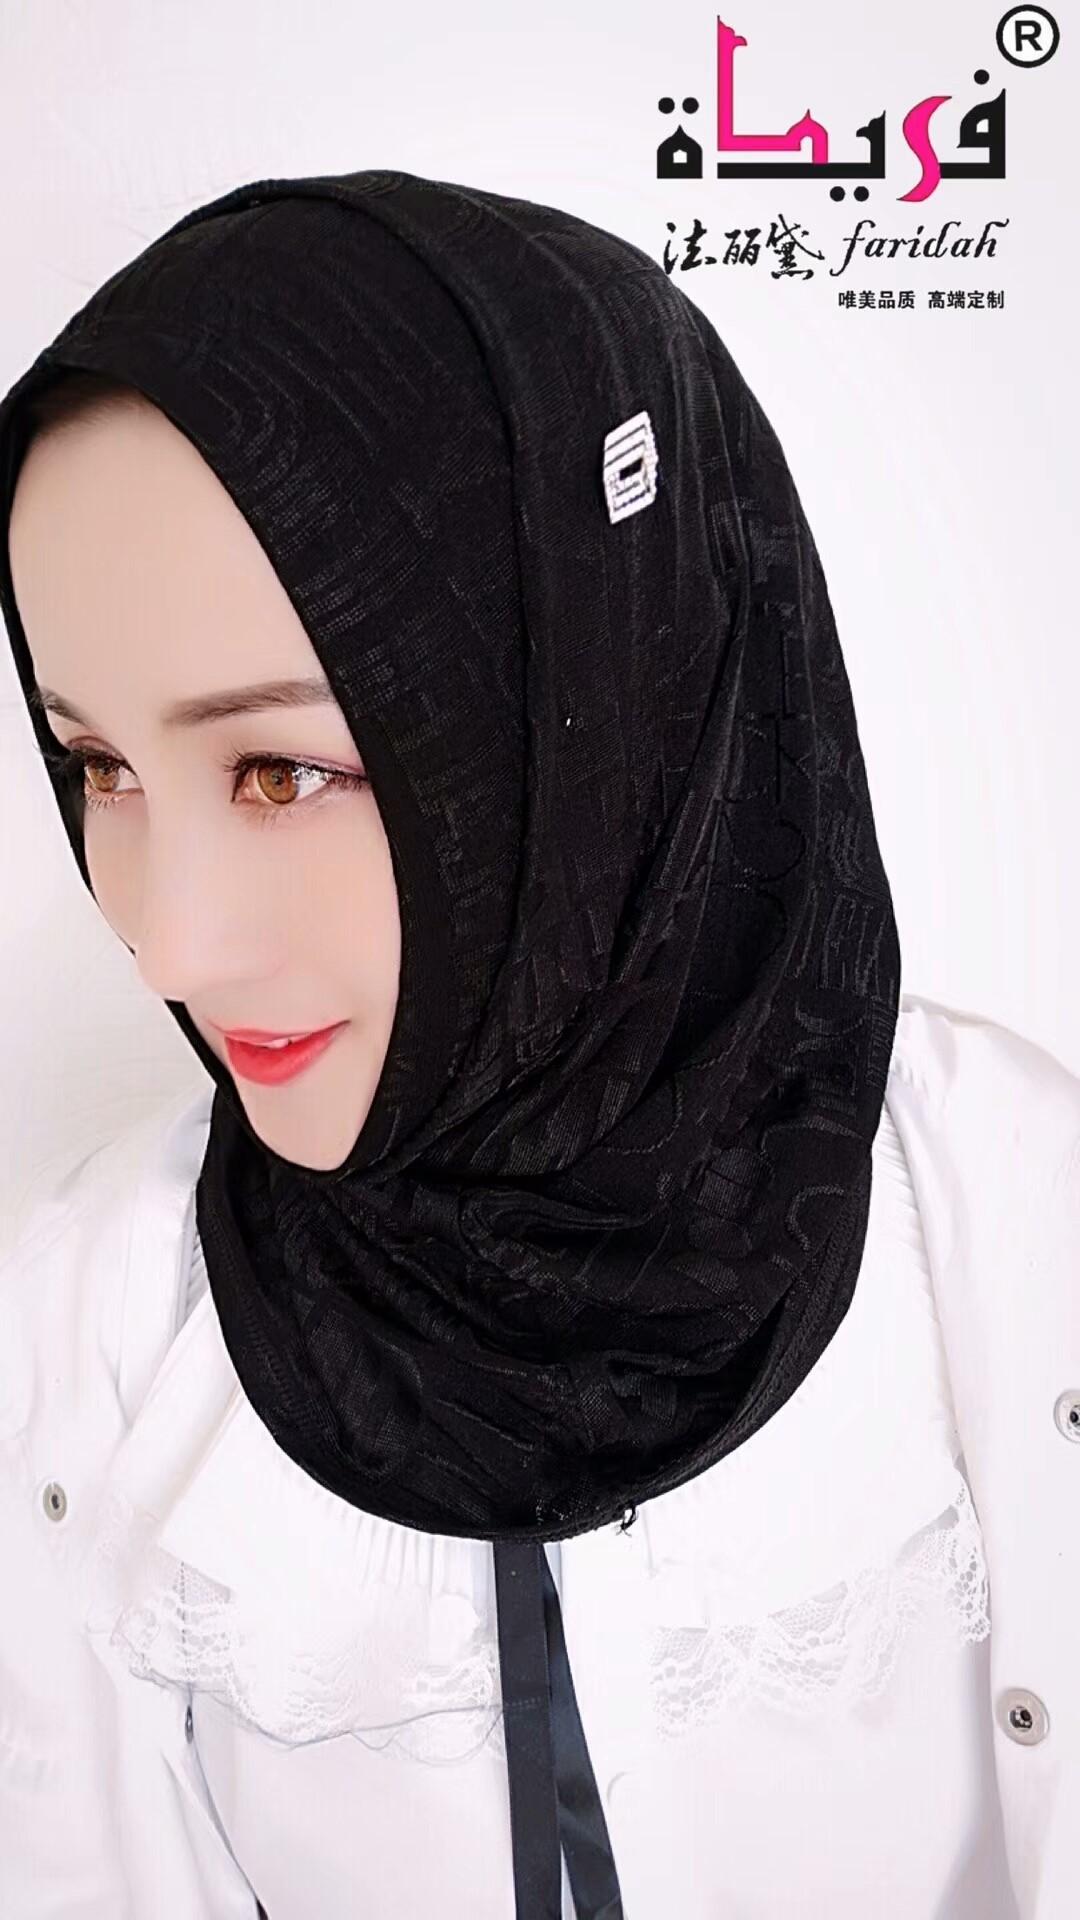 2018新款头套直筒盖头打底伊斯兰纱巾方便套头款夏季穆斯林头巾_6折图片